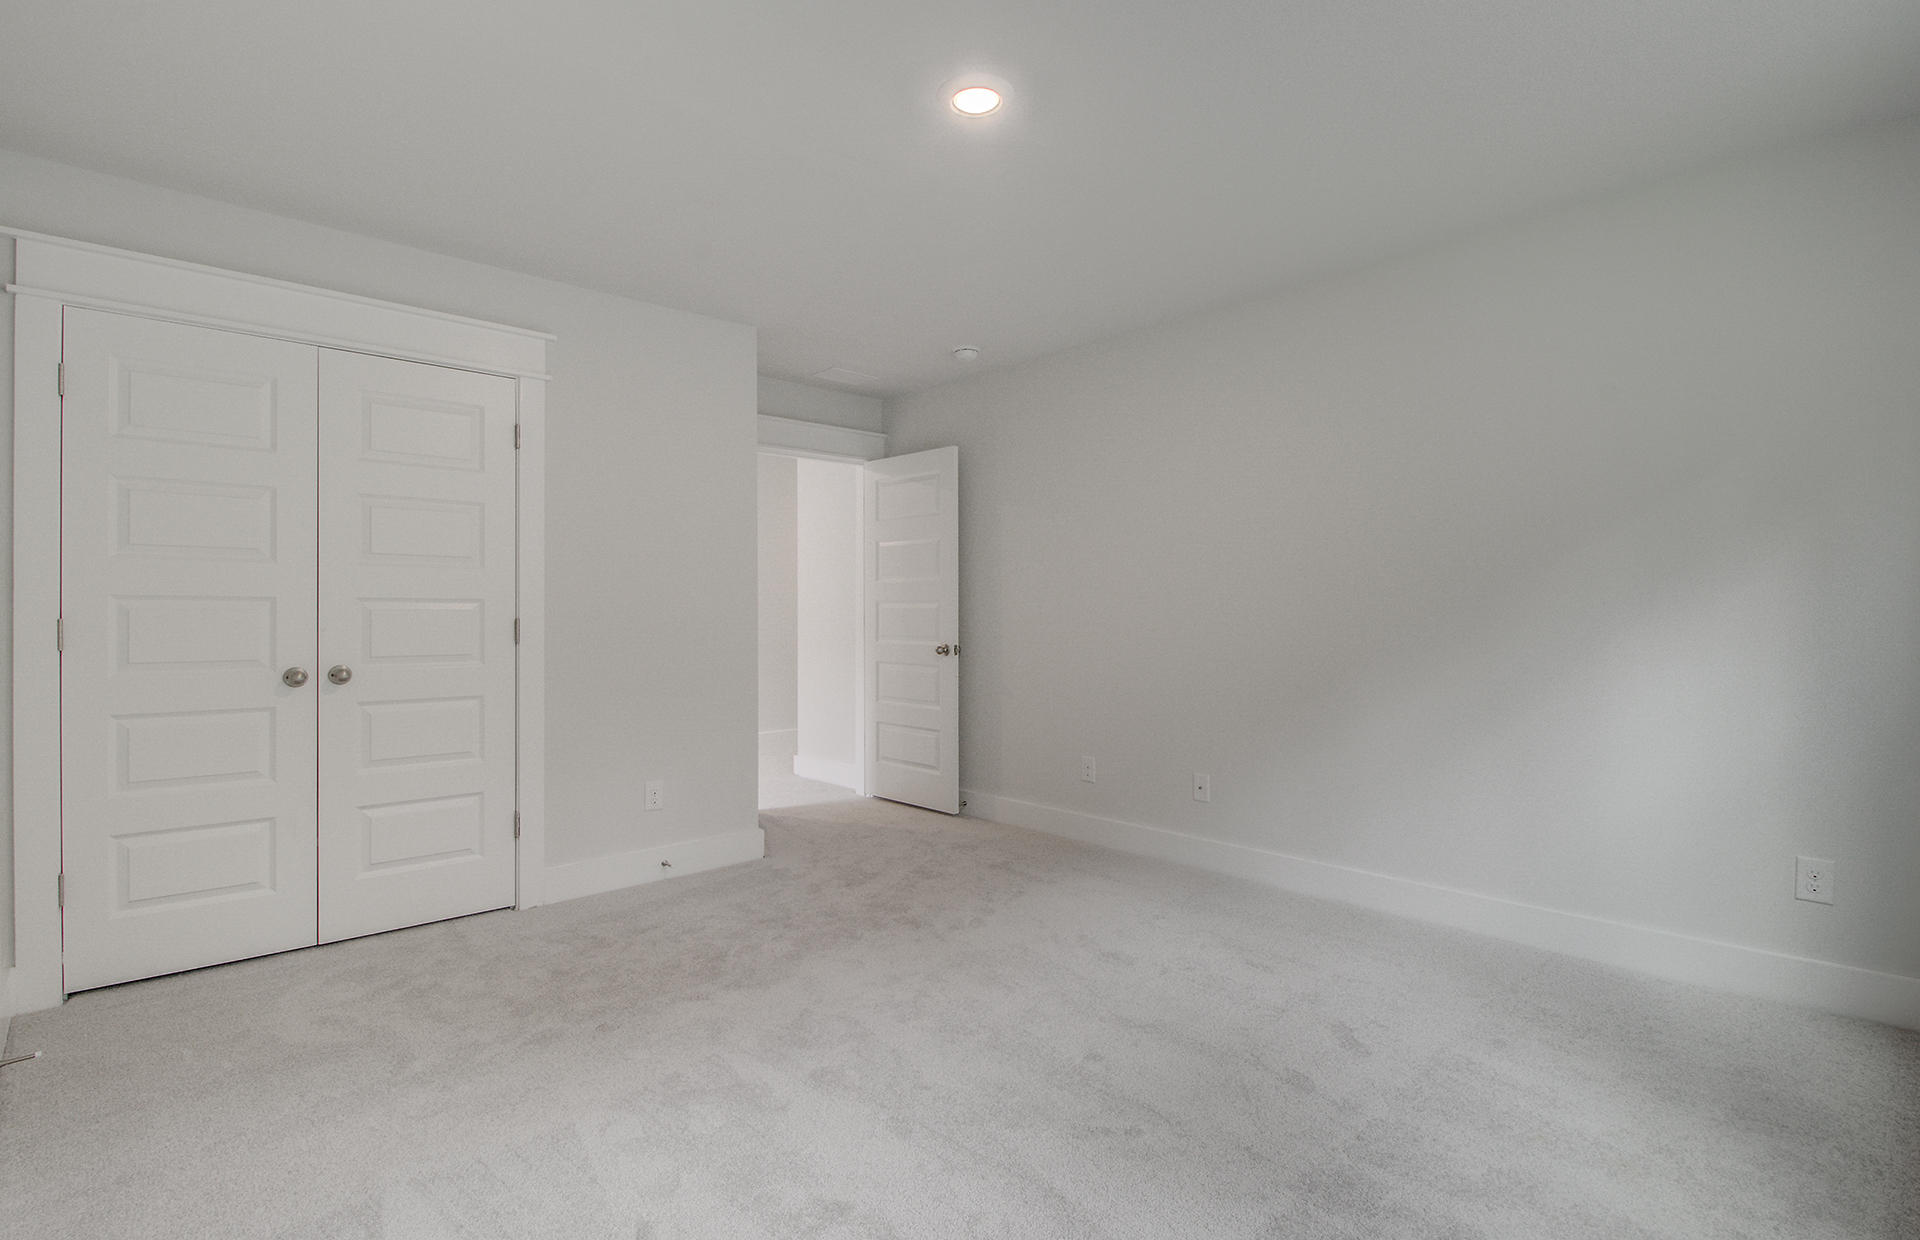 Park West Homes For Sale - 3013 Caspian, Mount Pleasant, SC - 18